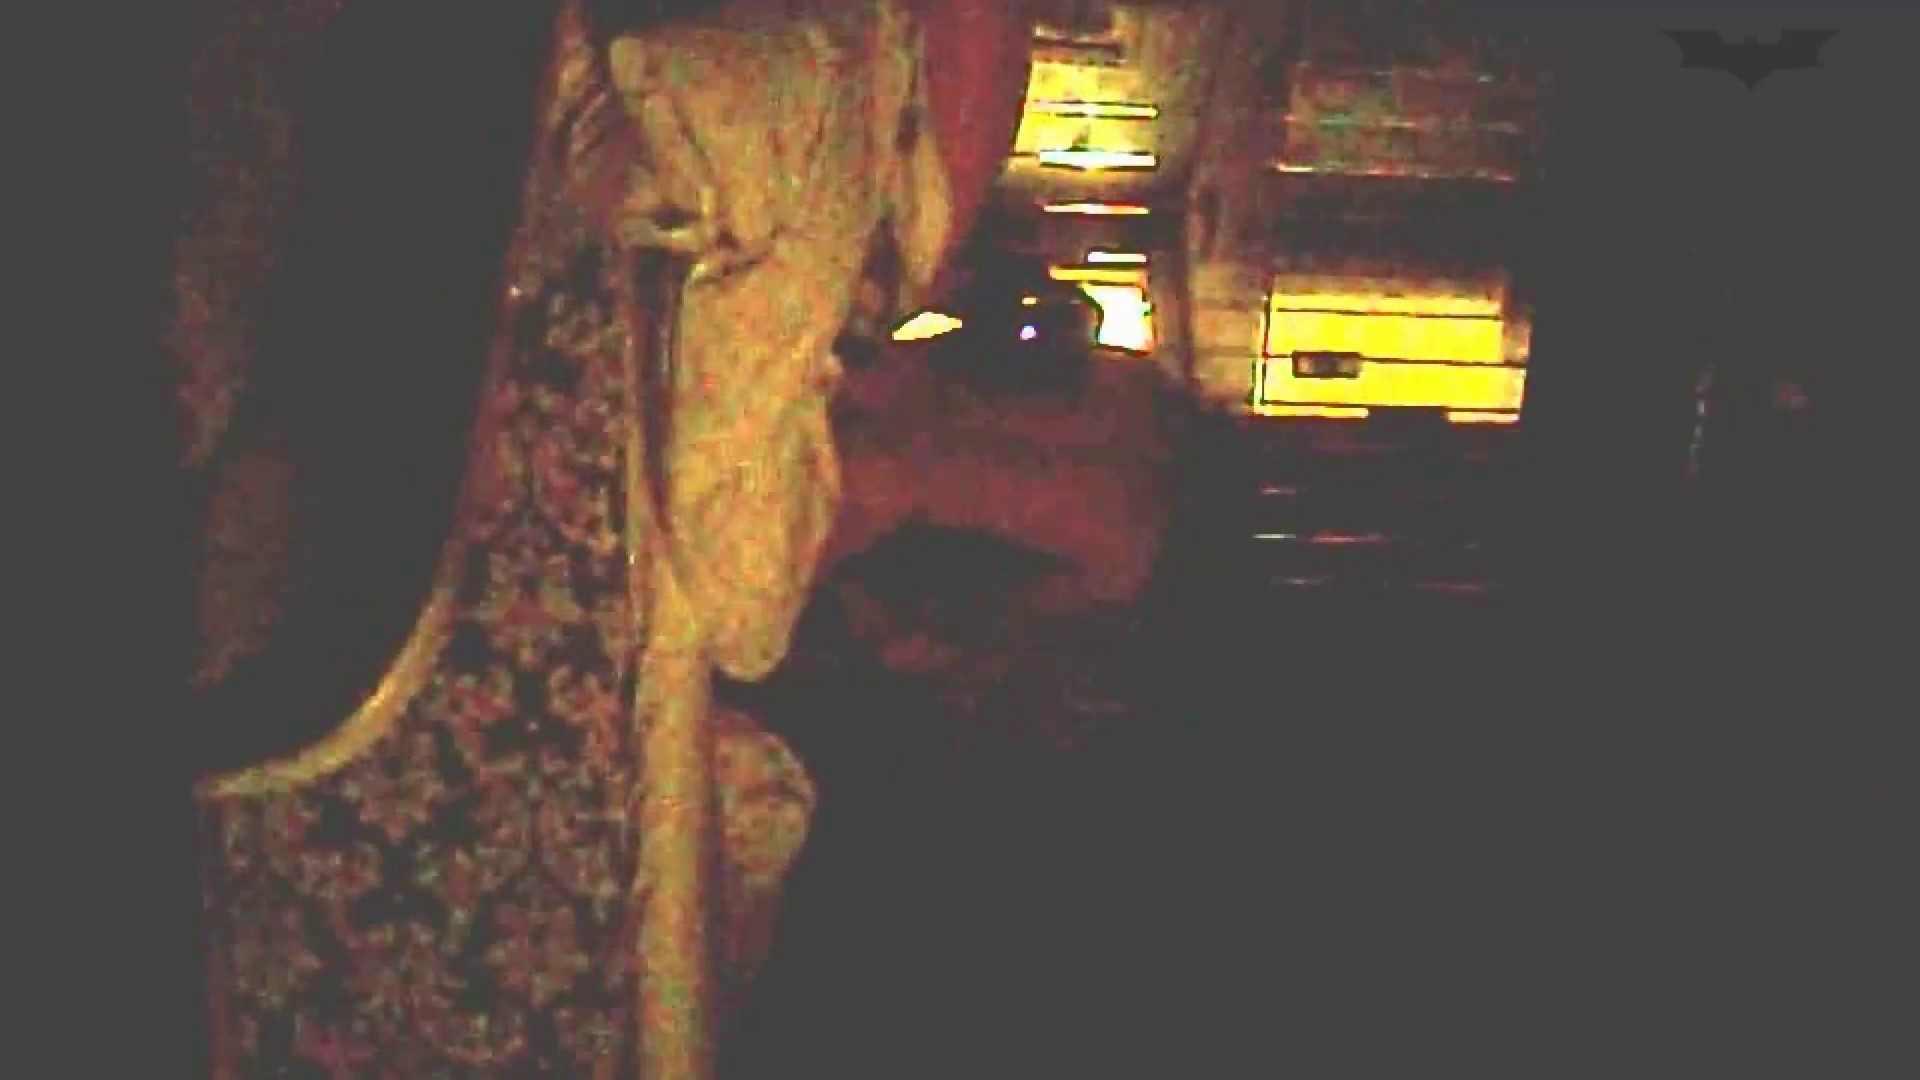 ▲2017_13位▲ 学園アイドル美人女子大生❷(下巻)5人詰合せVol.50 エッチすぎるOL達 ぱこり動画紹介 107連発 14